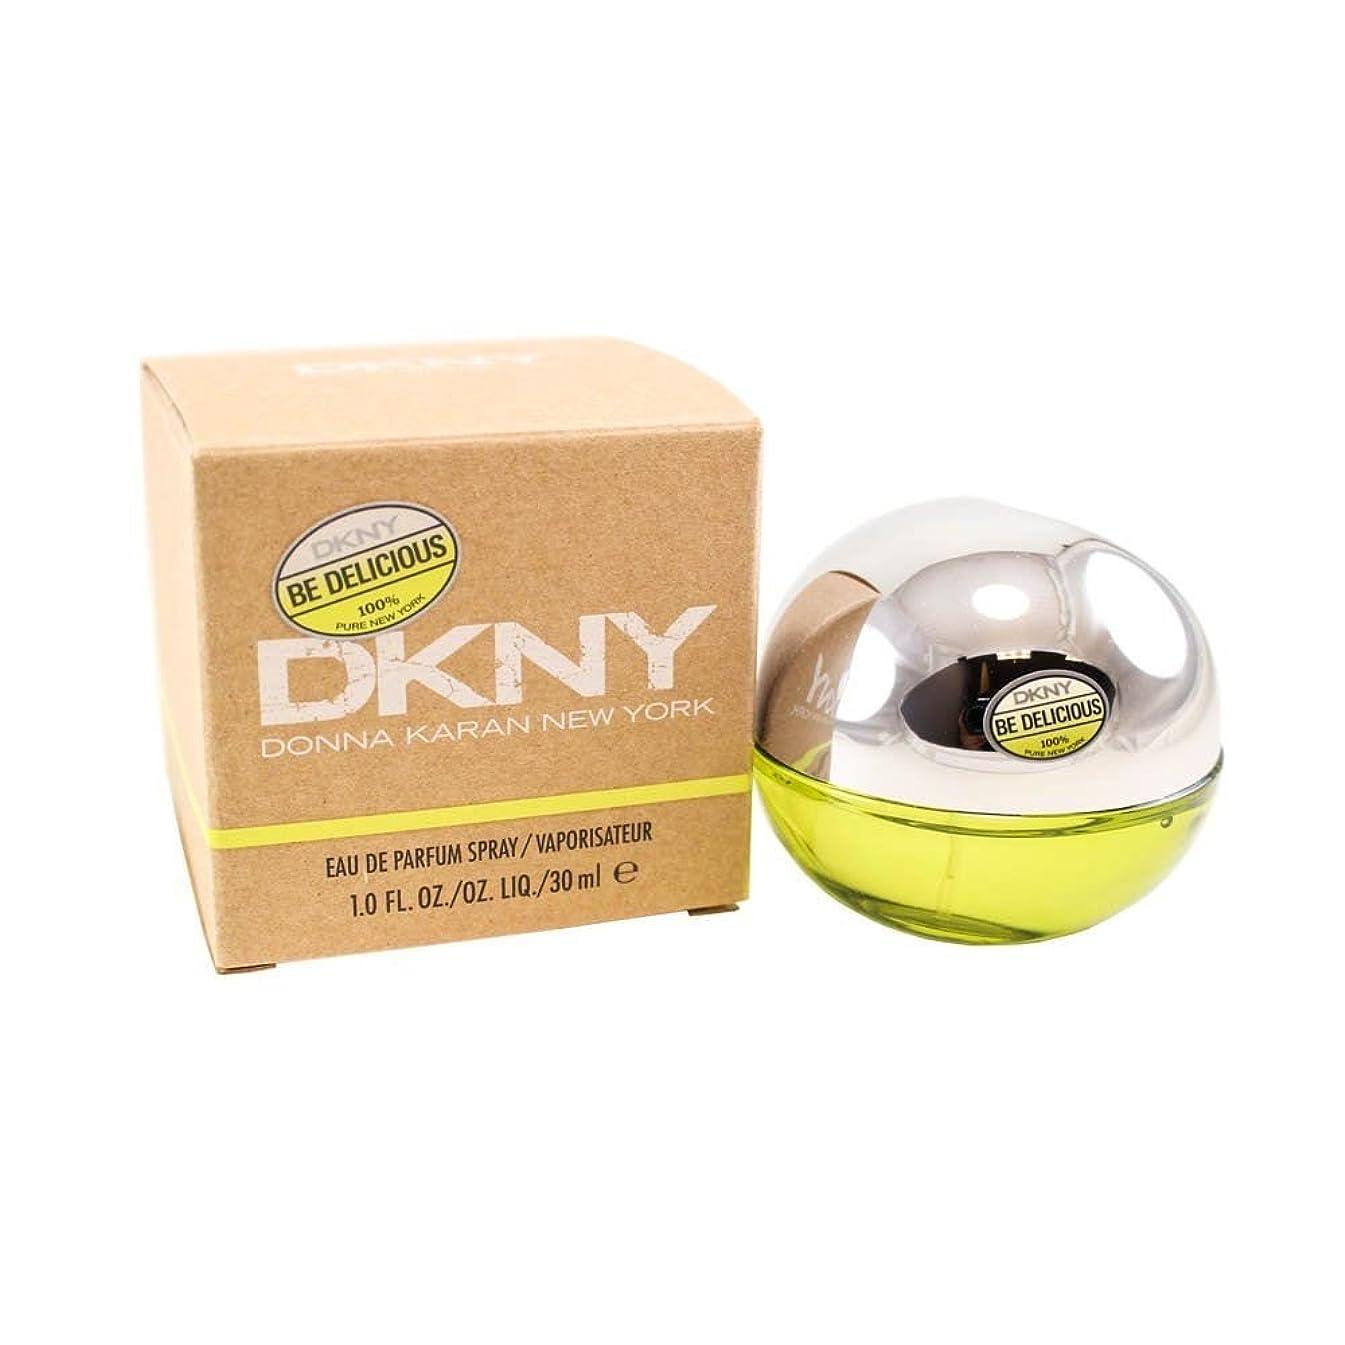 計算可能どこか非武装化DKNY ビーデリシャスオードパルファムスプレー 30ml/1oz